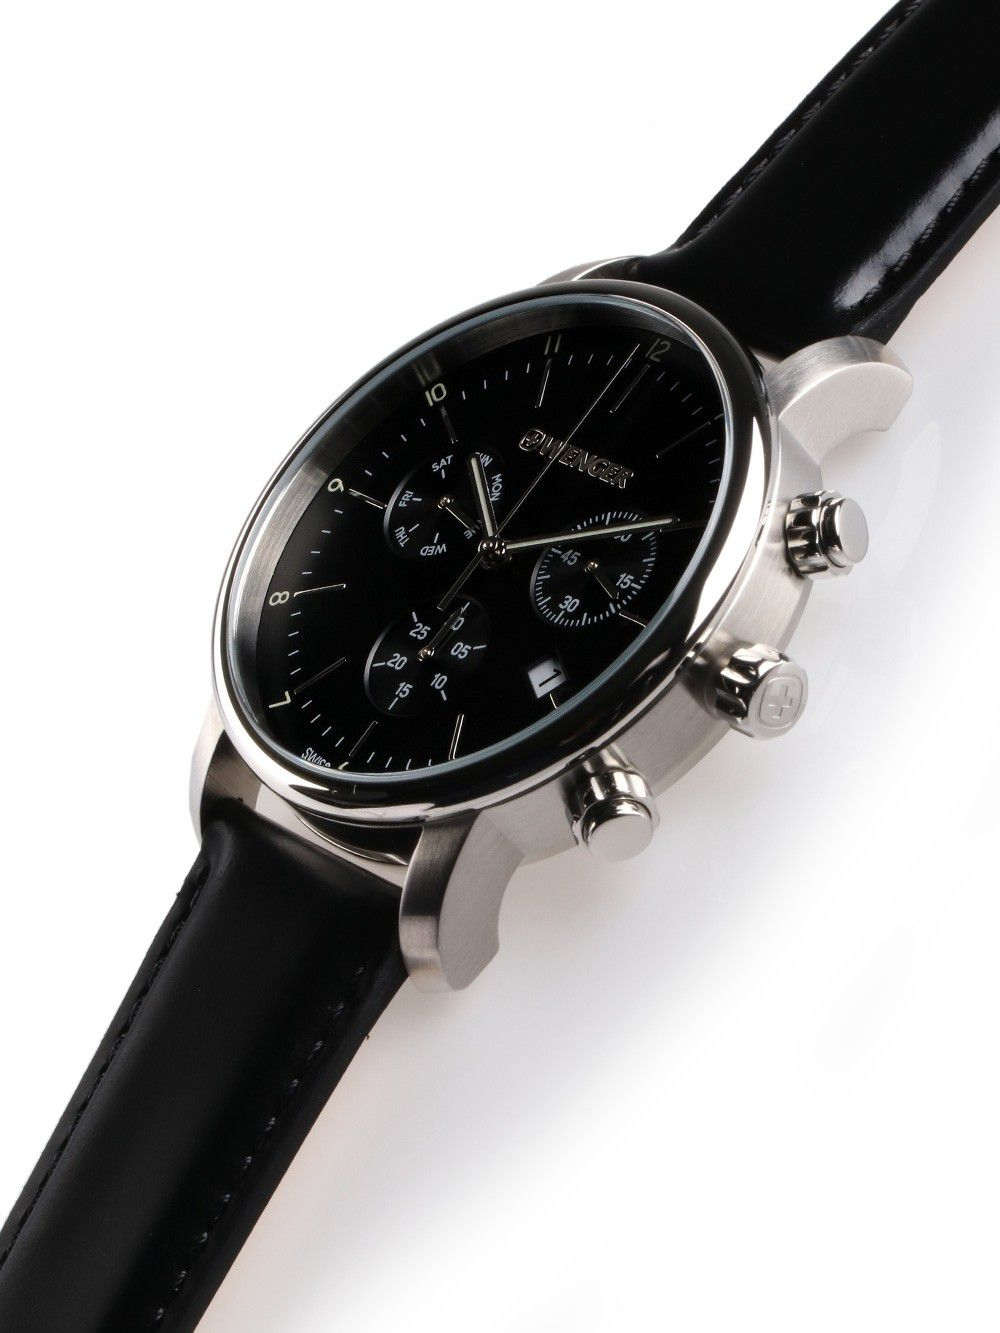 Relógio de Pulso social suíço Wenger Urban Classic Chrono 44mm 01.1743.102  - Mix Eletro